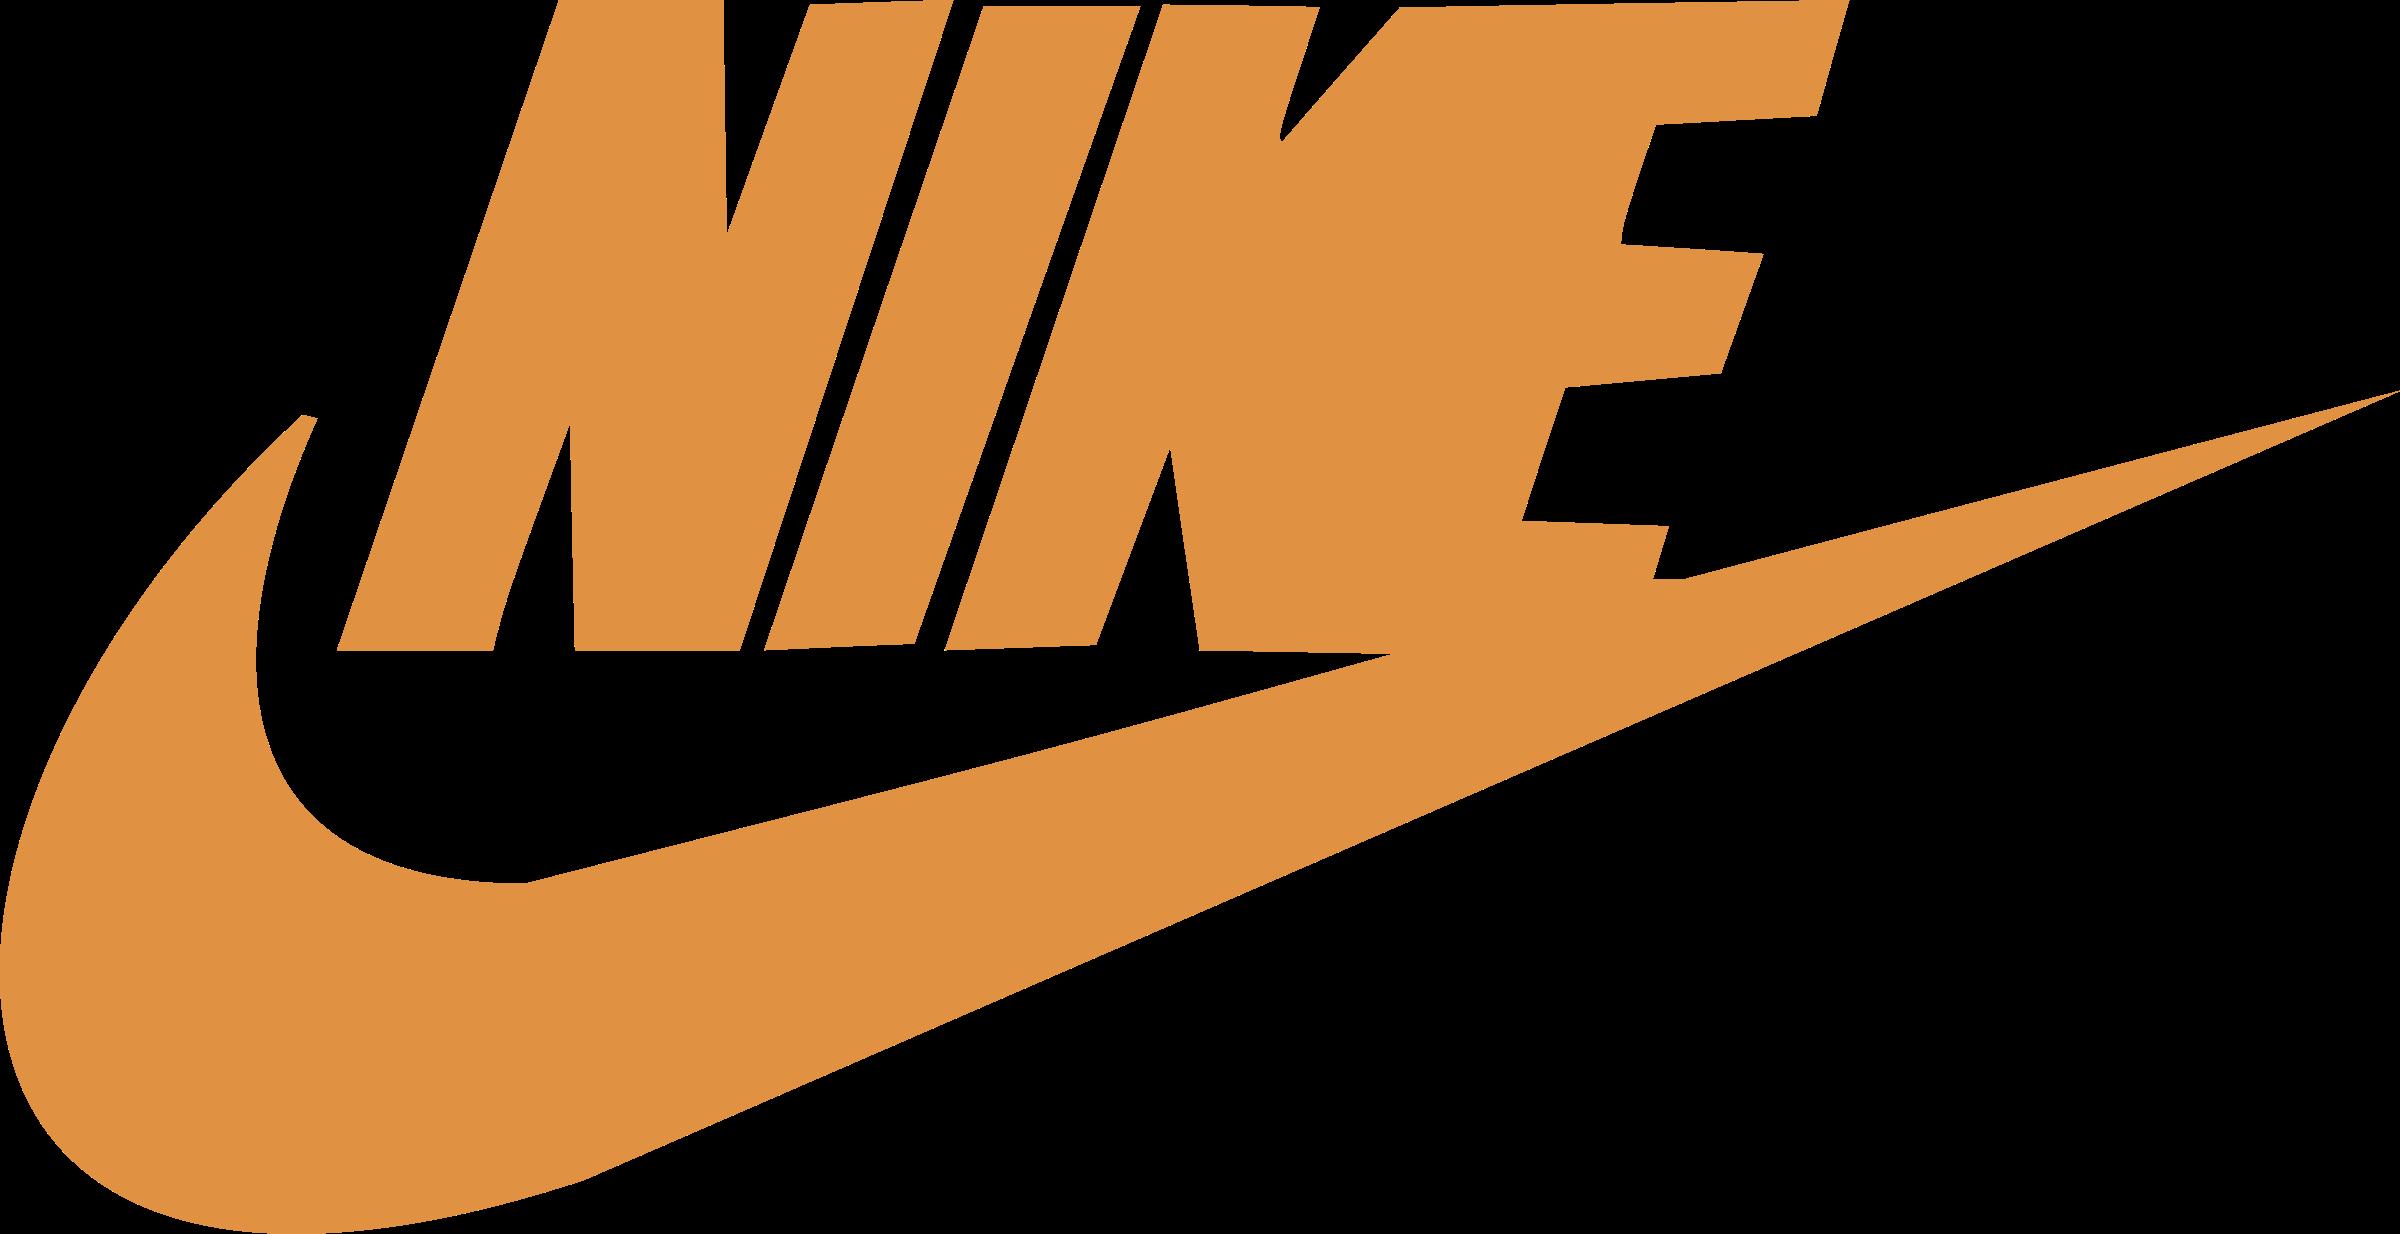 nike logo png transparent svg vector freebie supply rh freebiesupply com nike logo png red nike logo png red